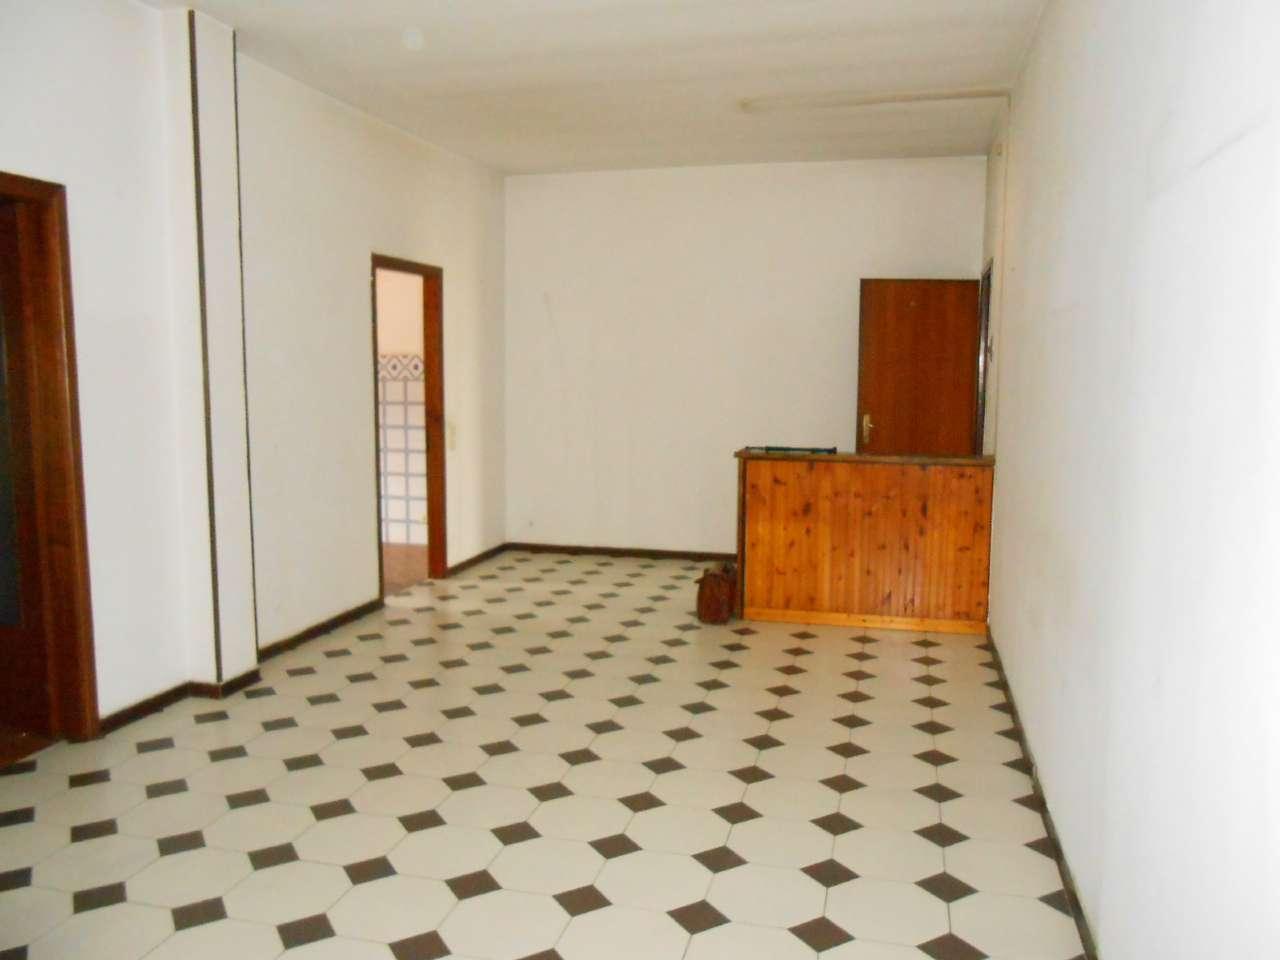 Appartamento in vendita a Bagnolo Cremasco, 3 locali, prezzo € 99.000   PortaleAgenzieImmobiliari.it